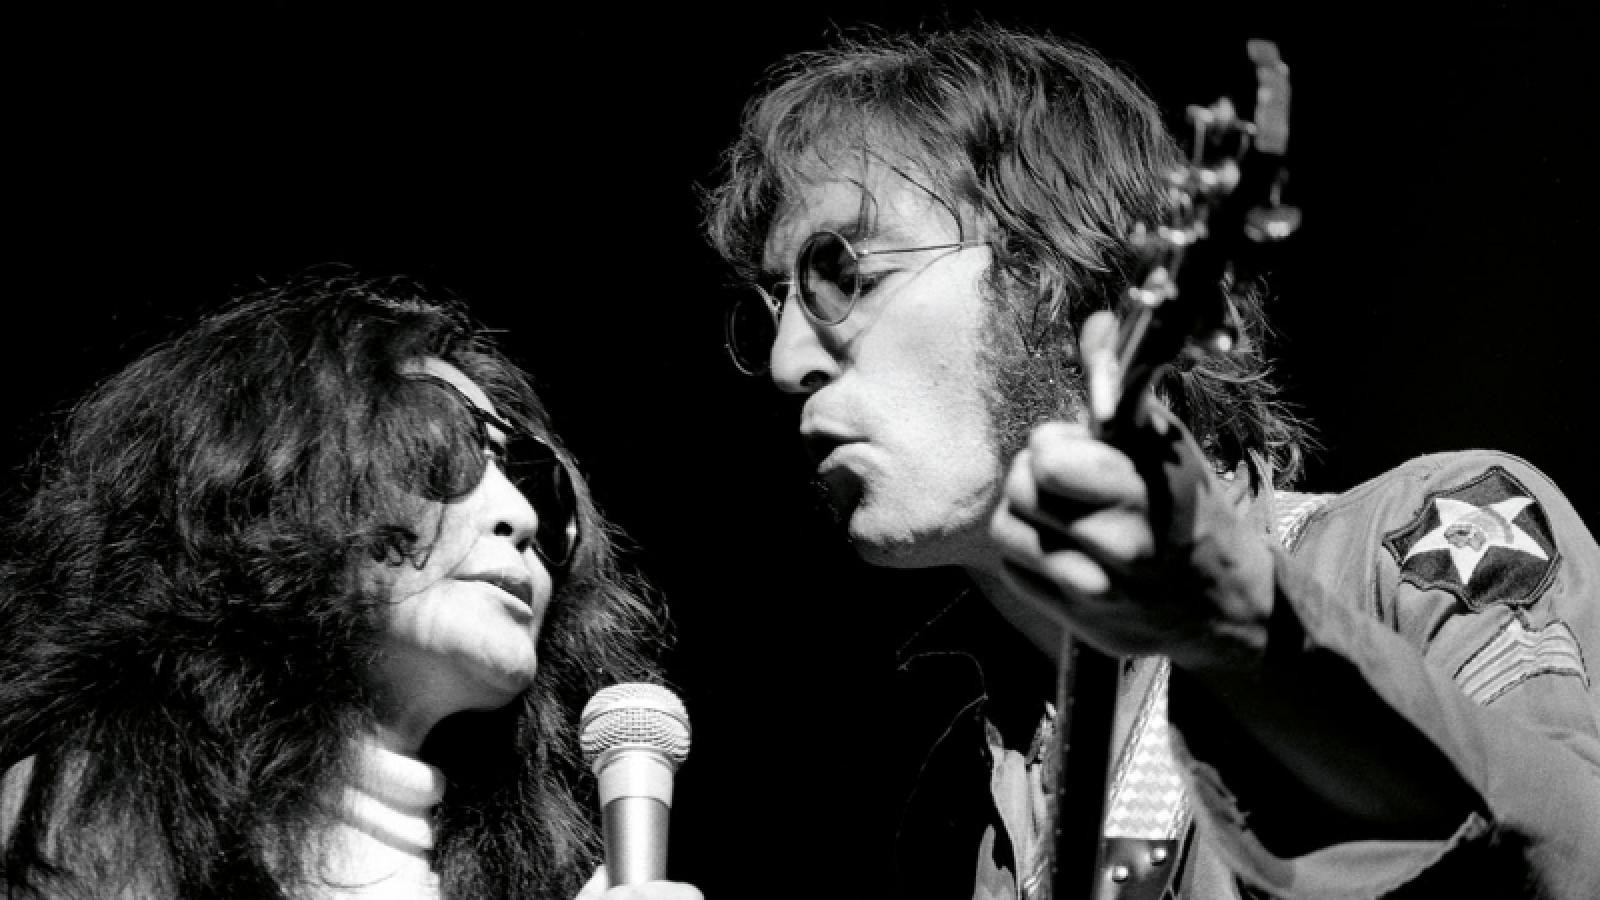 Hé lộ loạt ảnh chưa từng công bố của John Lennon và Yoko Ono ở New York